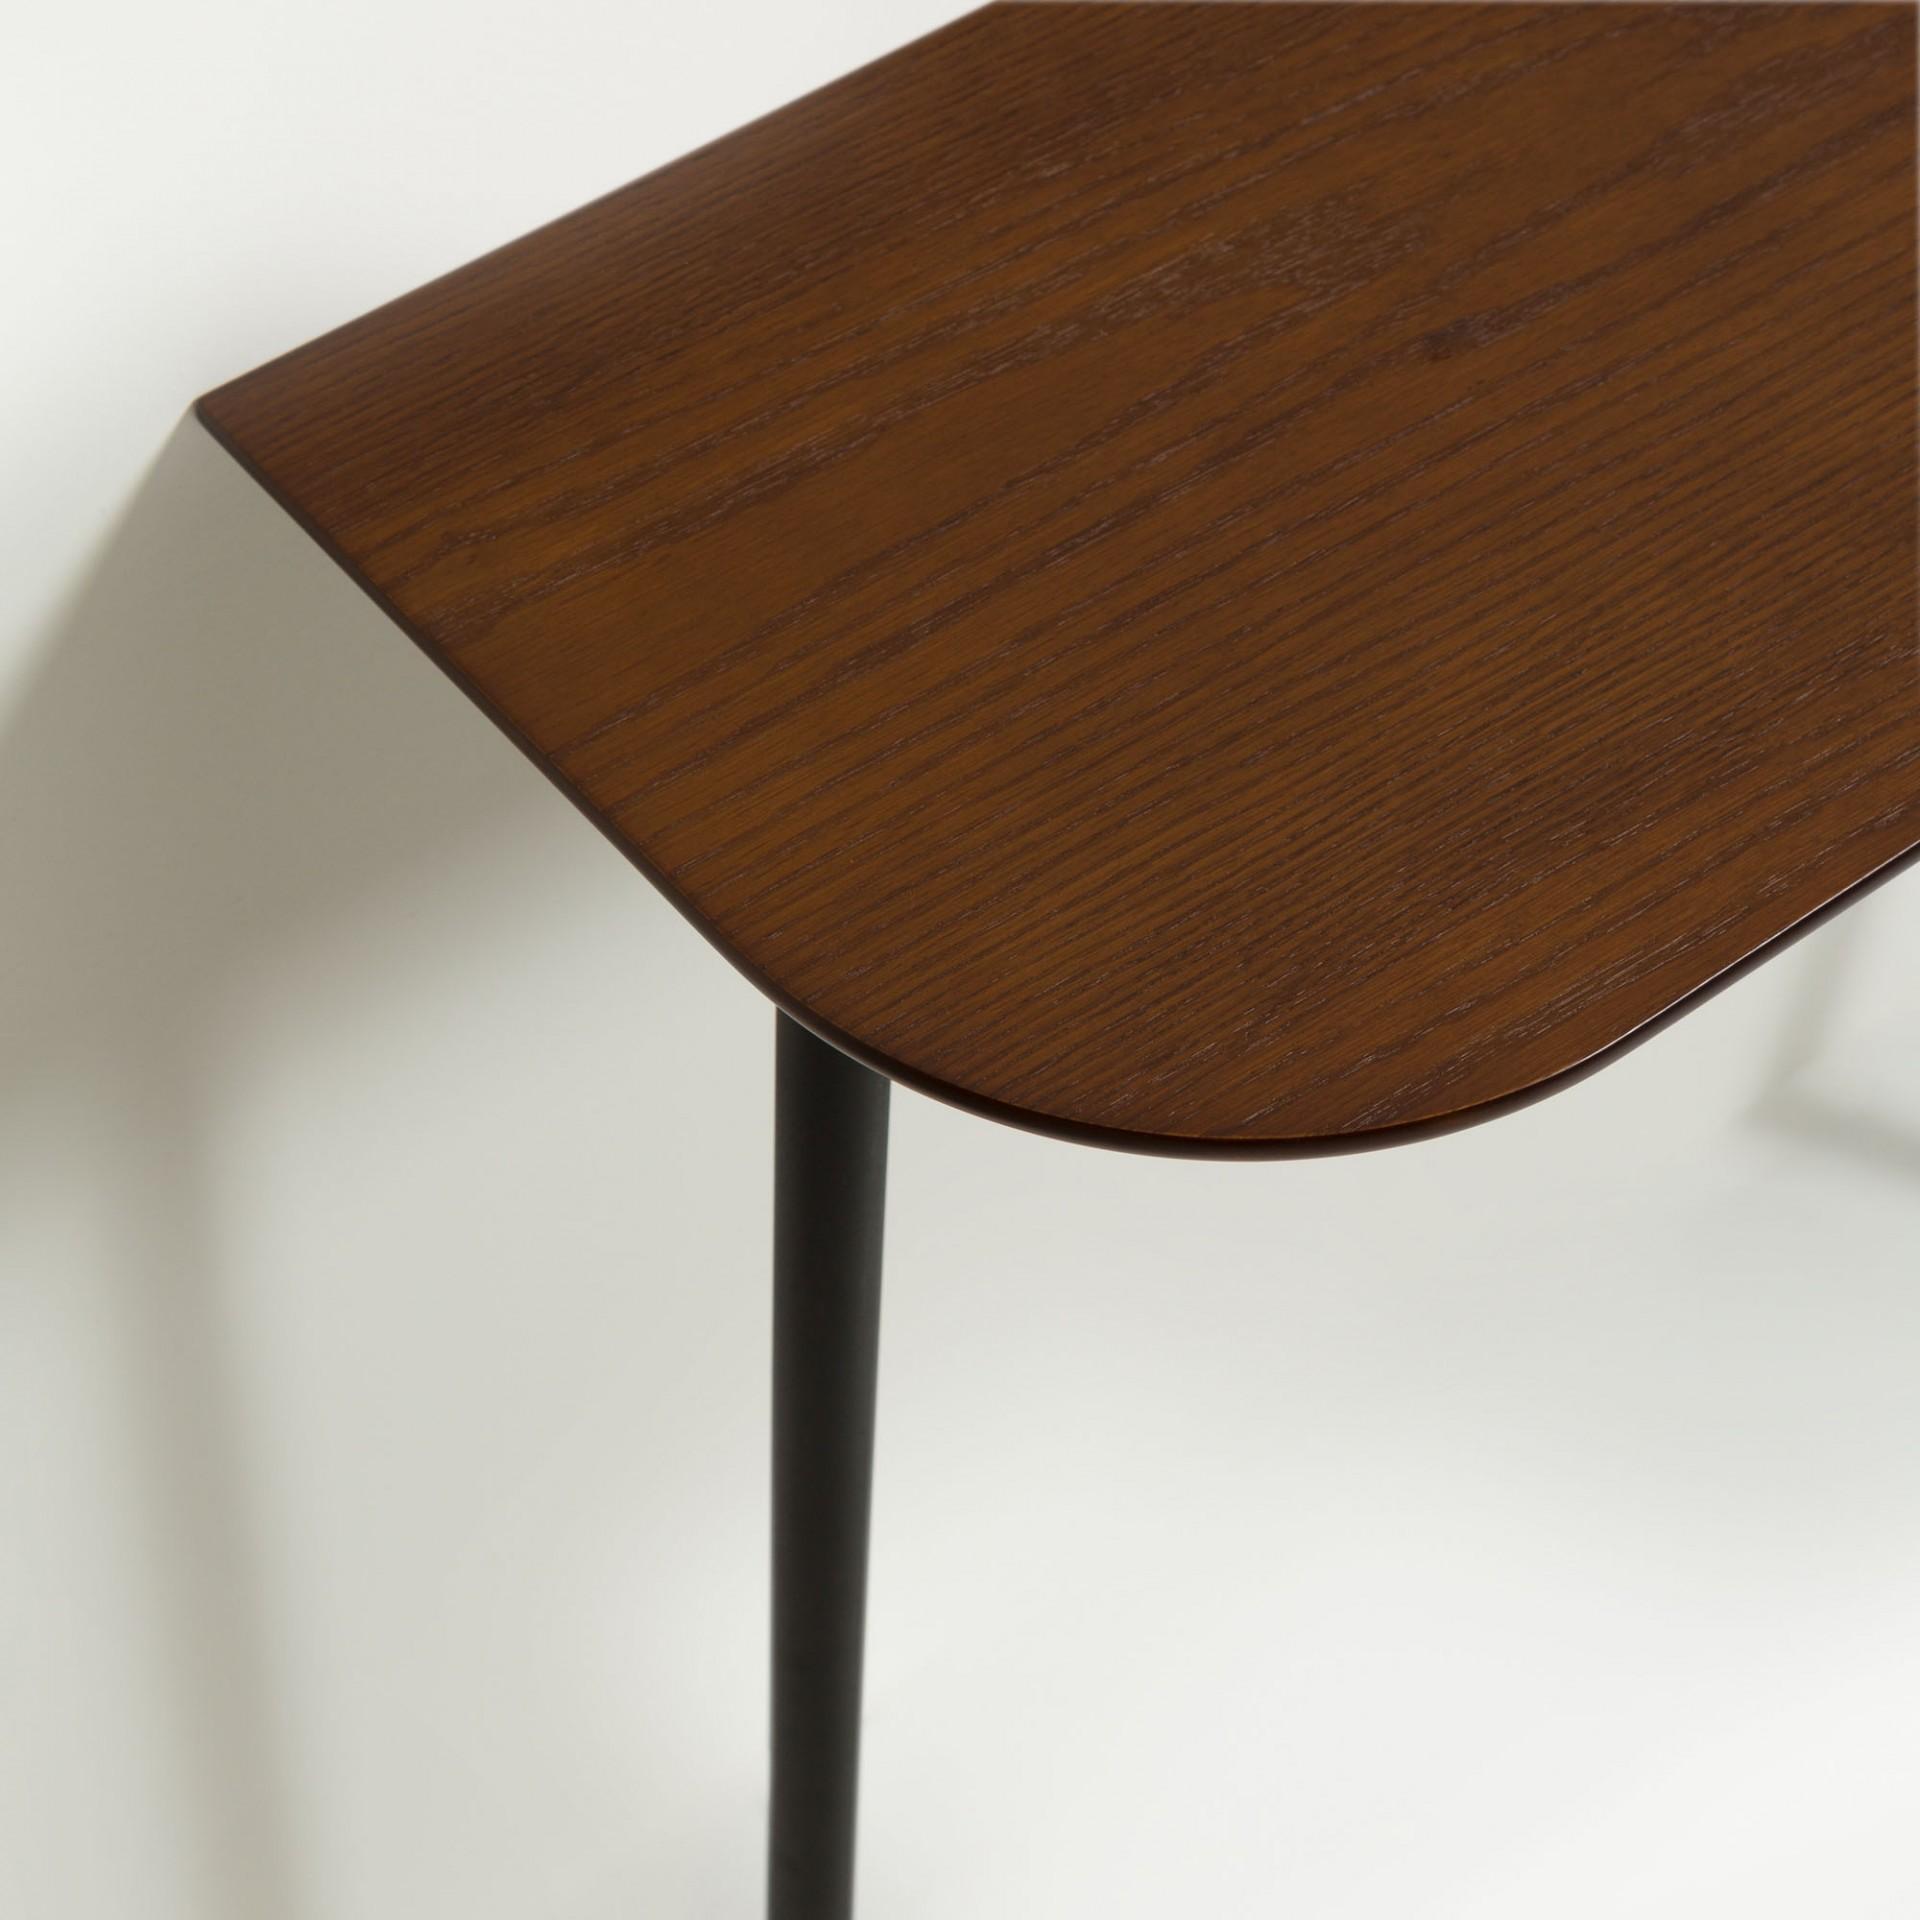 Consola Marcol, c/cabide, madeira de carvalho/nogueira, 80x160